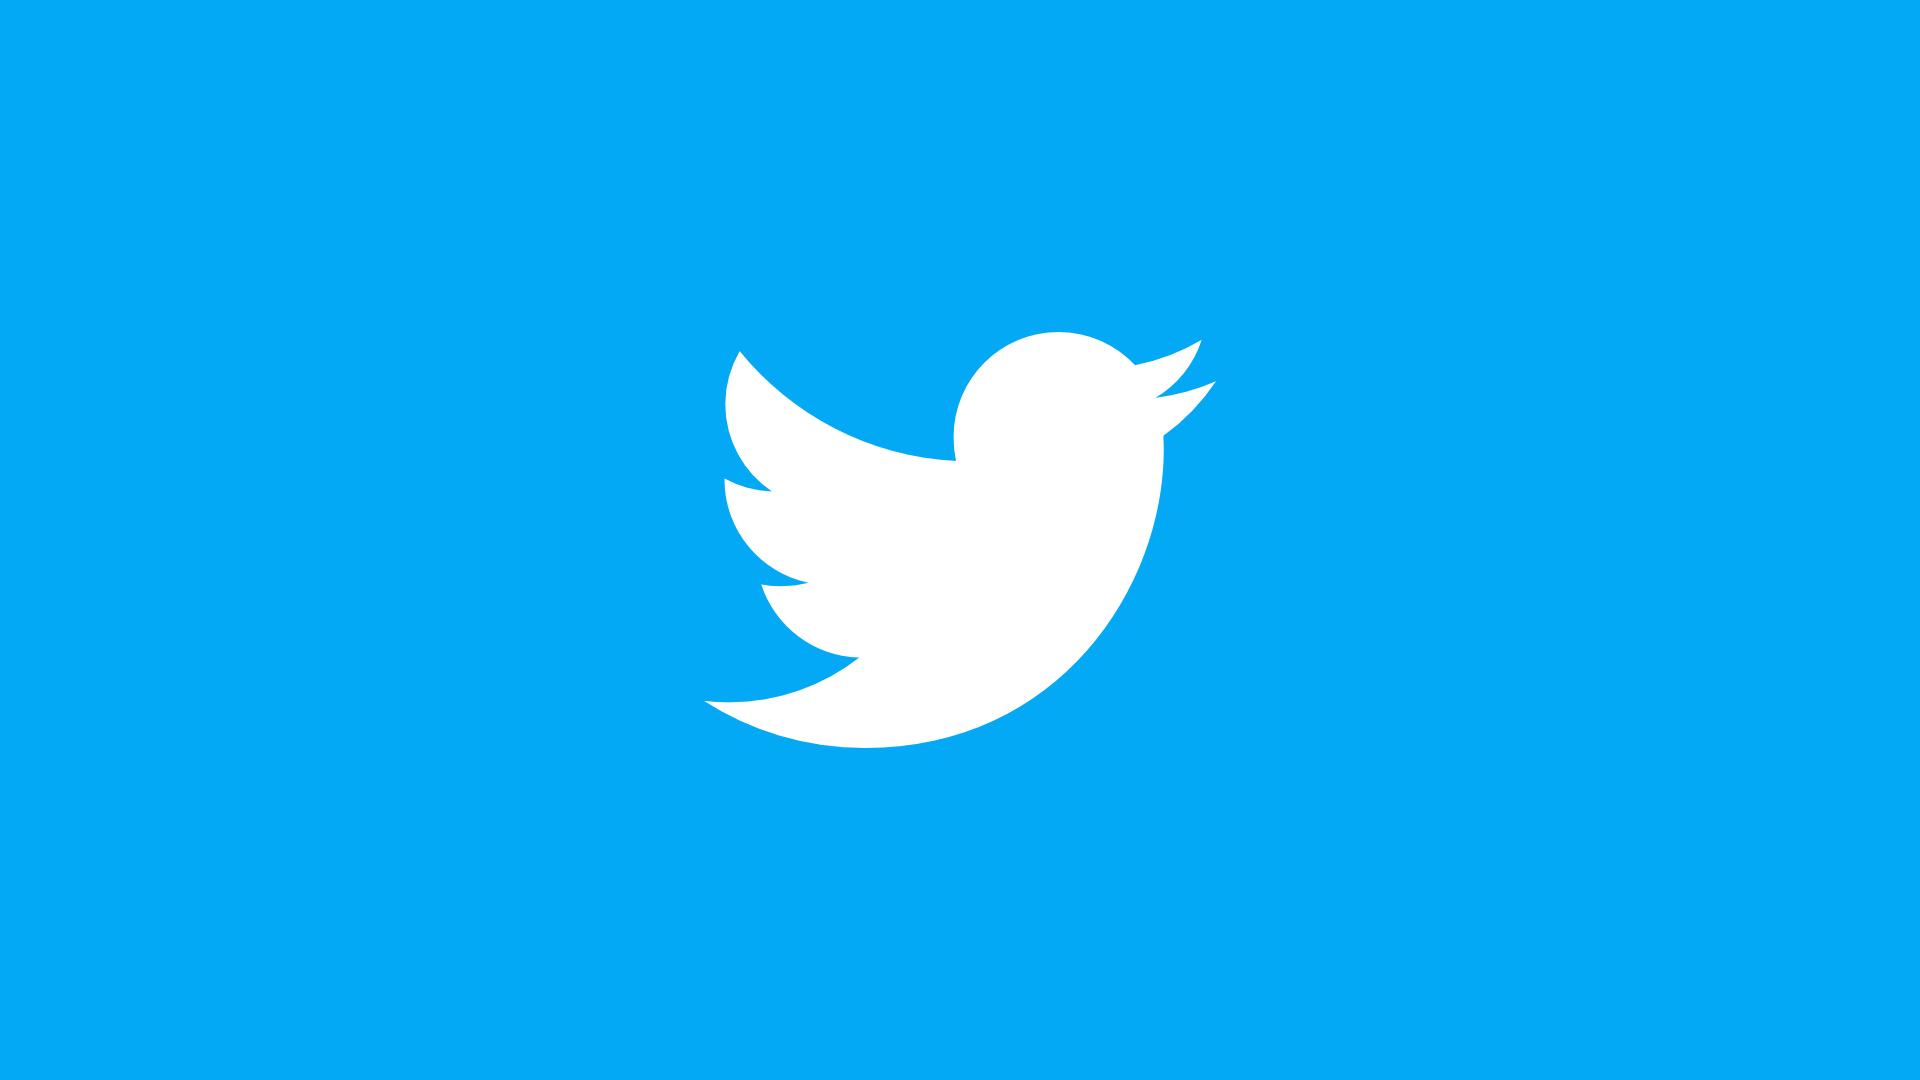 Tak Twitter będzie walczyć z fałszywymi informacjami